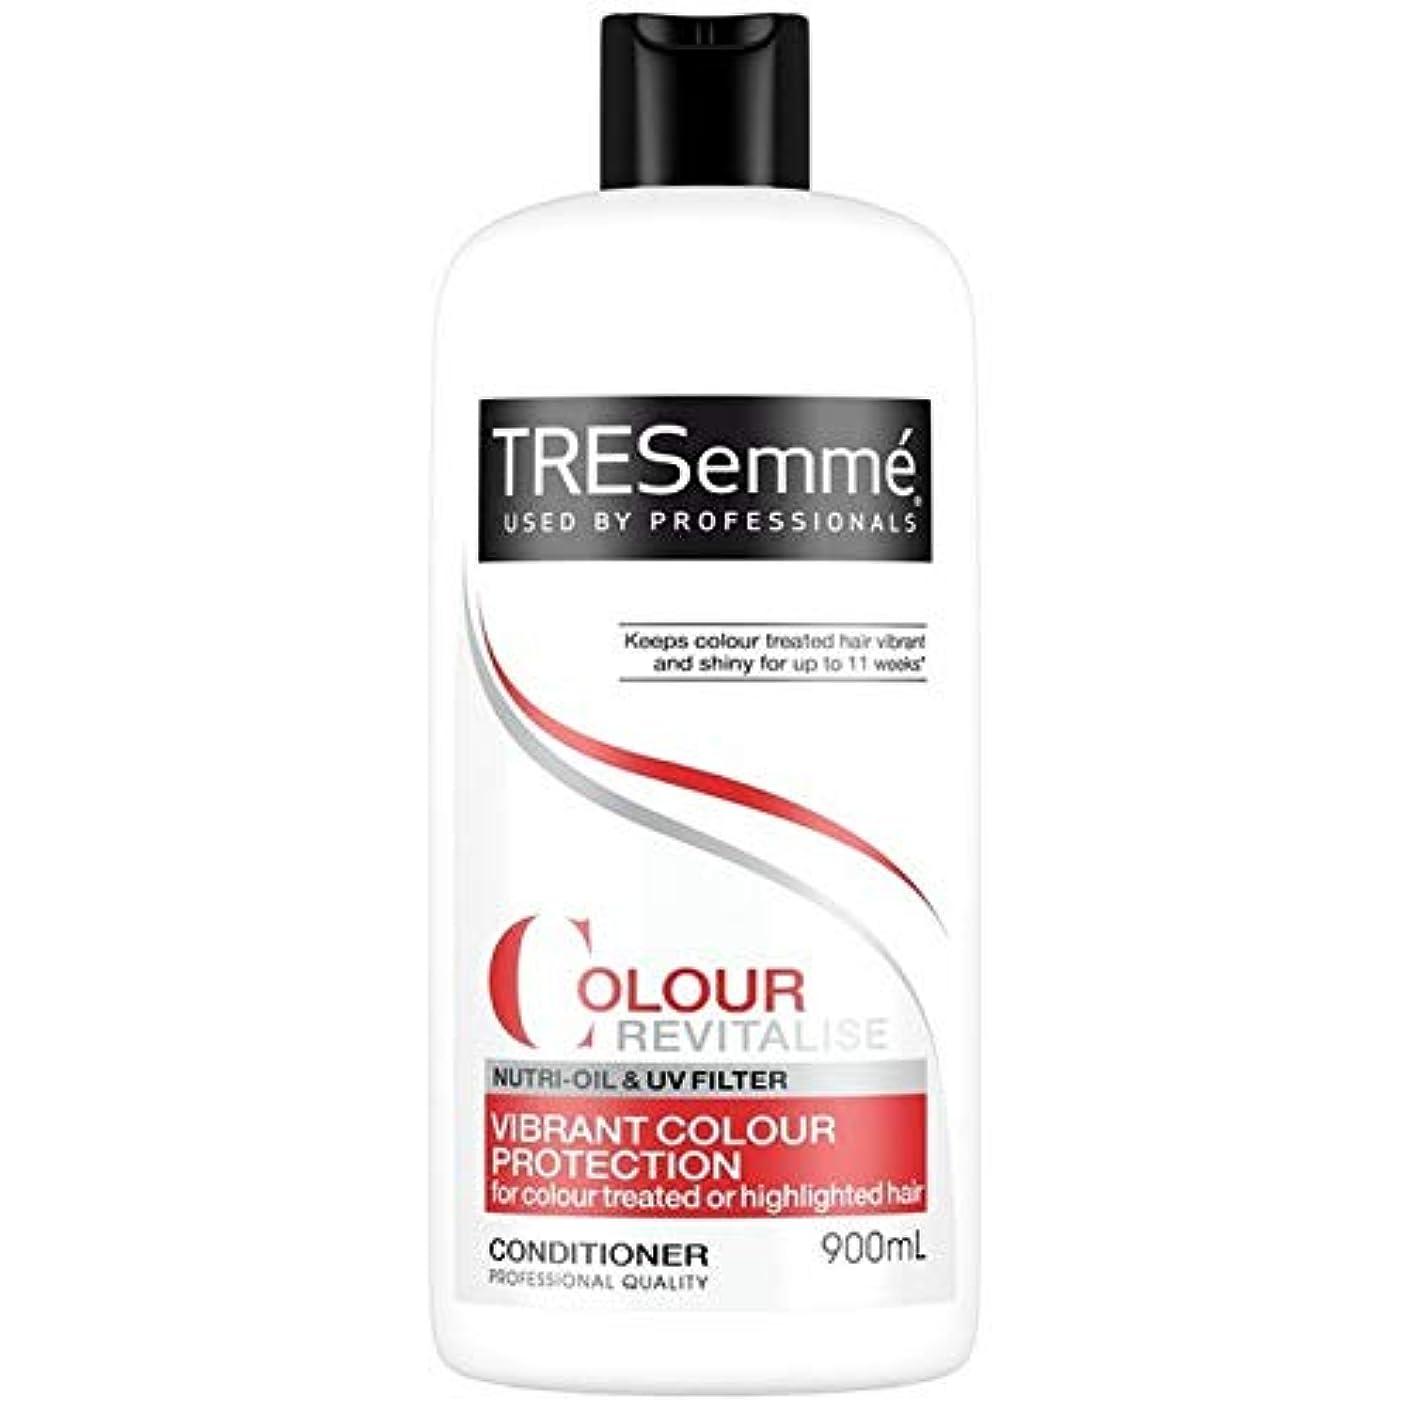 判読できないアコードブロックする[Tresemme] Tresemme色はカラーフェード保護コンディショナー900ミリリットルを活性化 - TRESemme Colour Revitalise Colour Fade Protection Conditioner 900ml [並行輸入品]